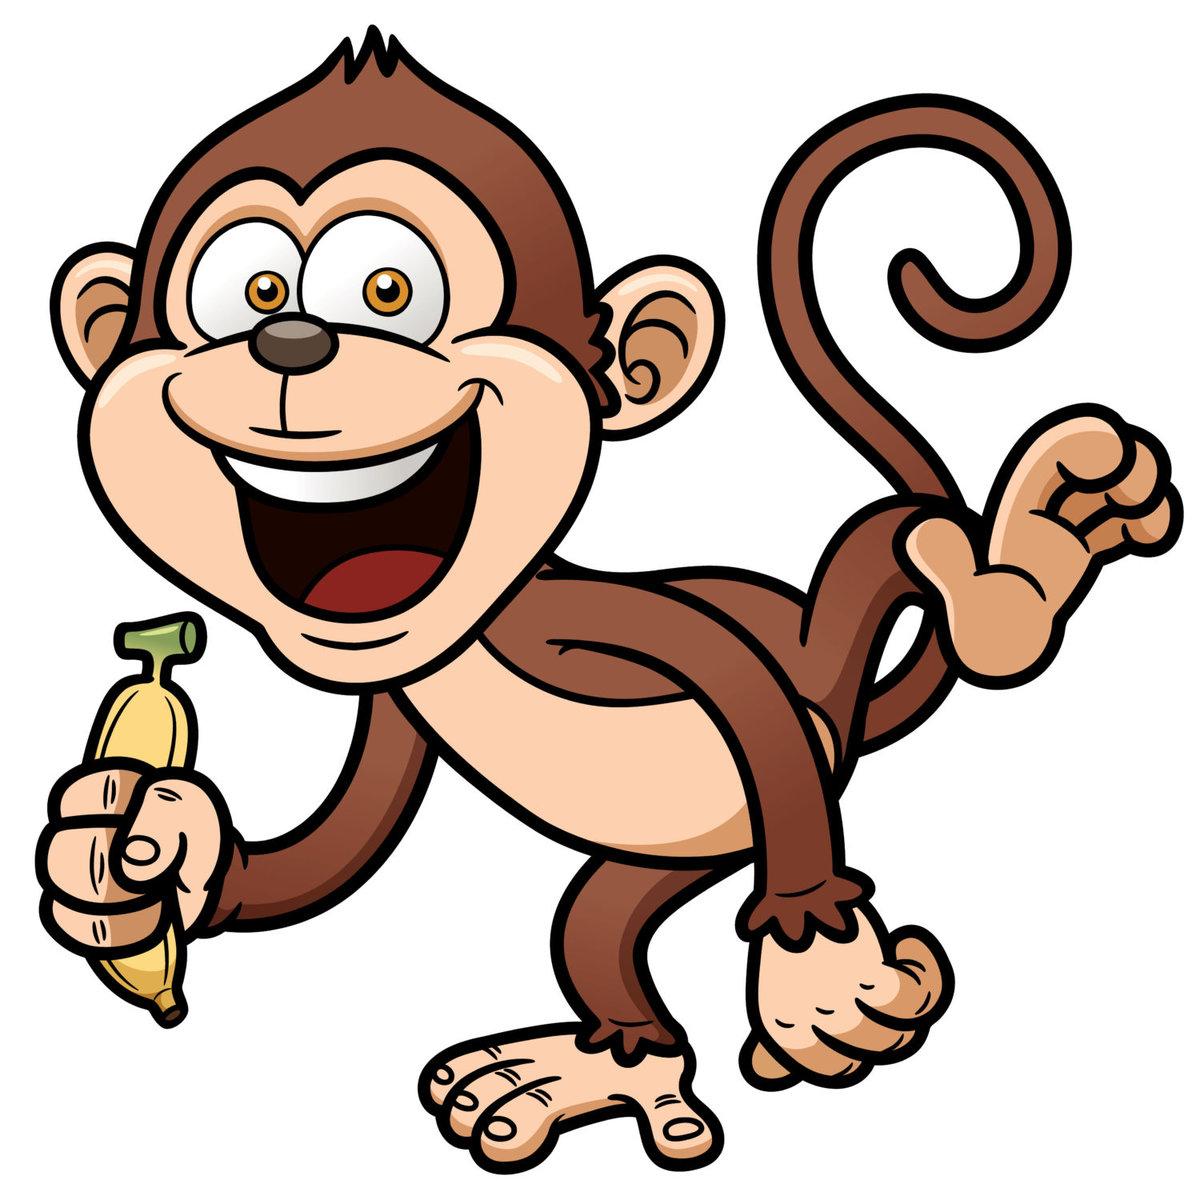 Прикольные нарисованные картинки обезьянок, можно